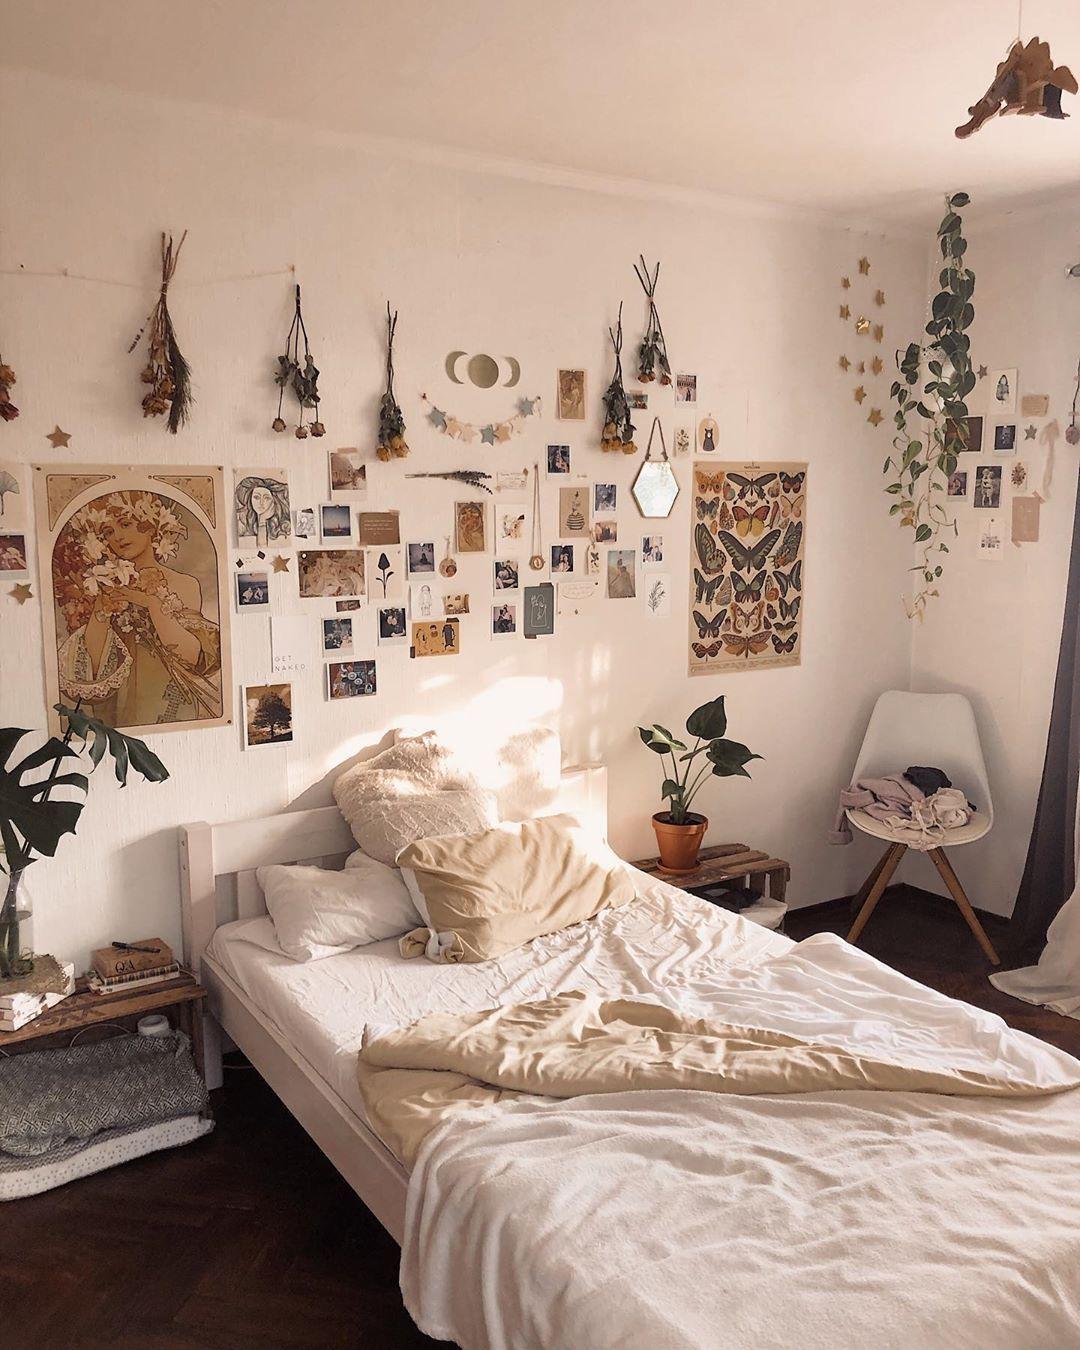 Nlan412 In 2020 Dorm Room Decor Dorm Room Inspiration Aesthetic Bedroom